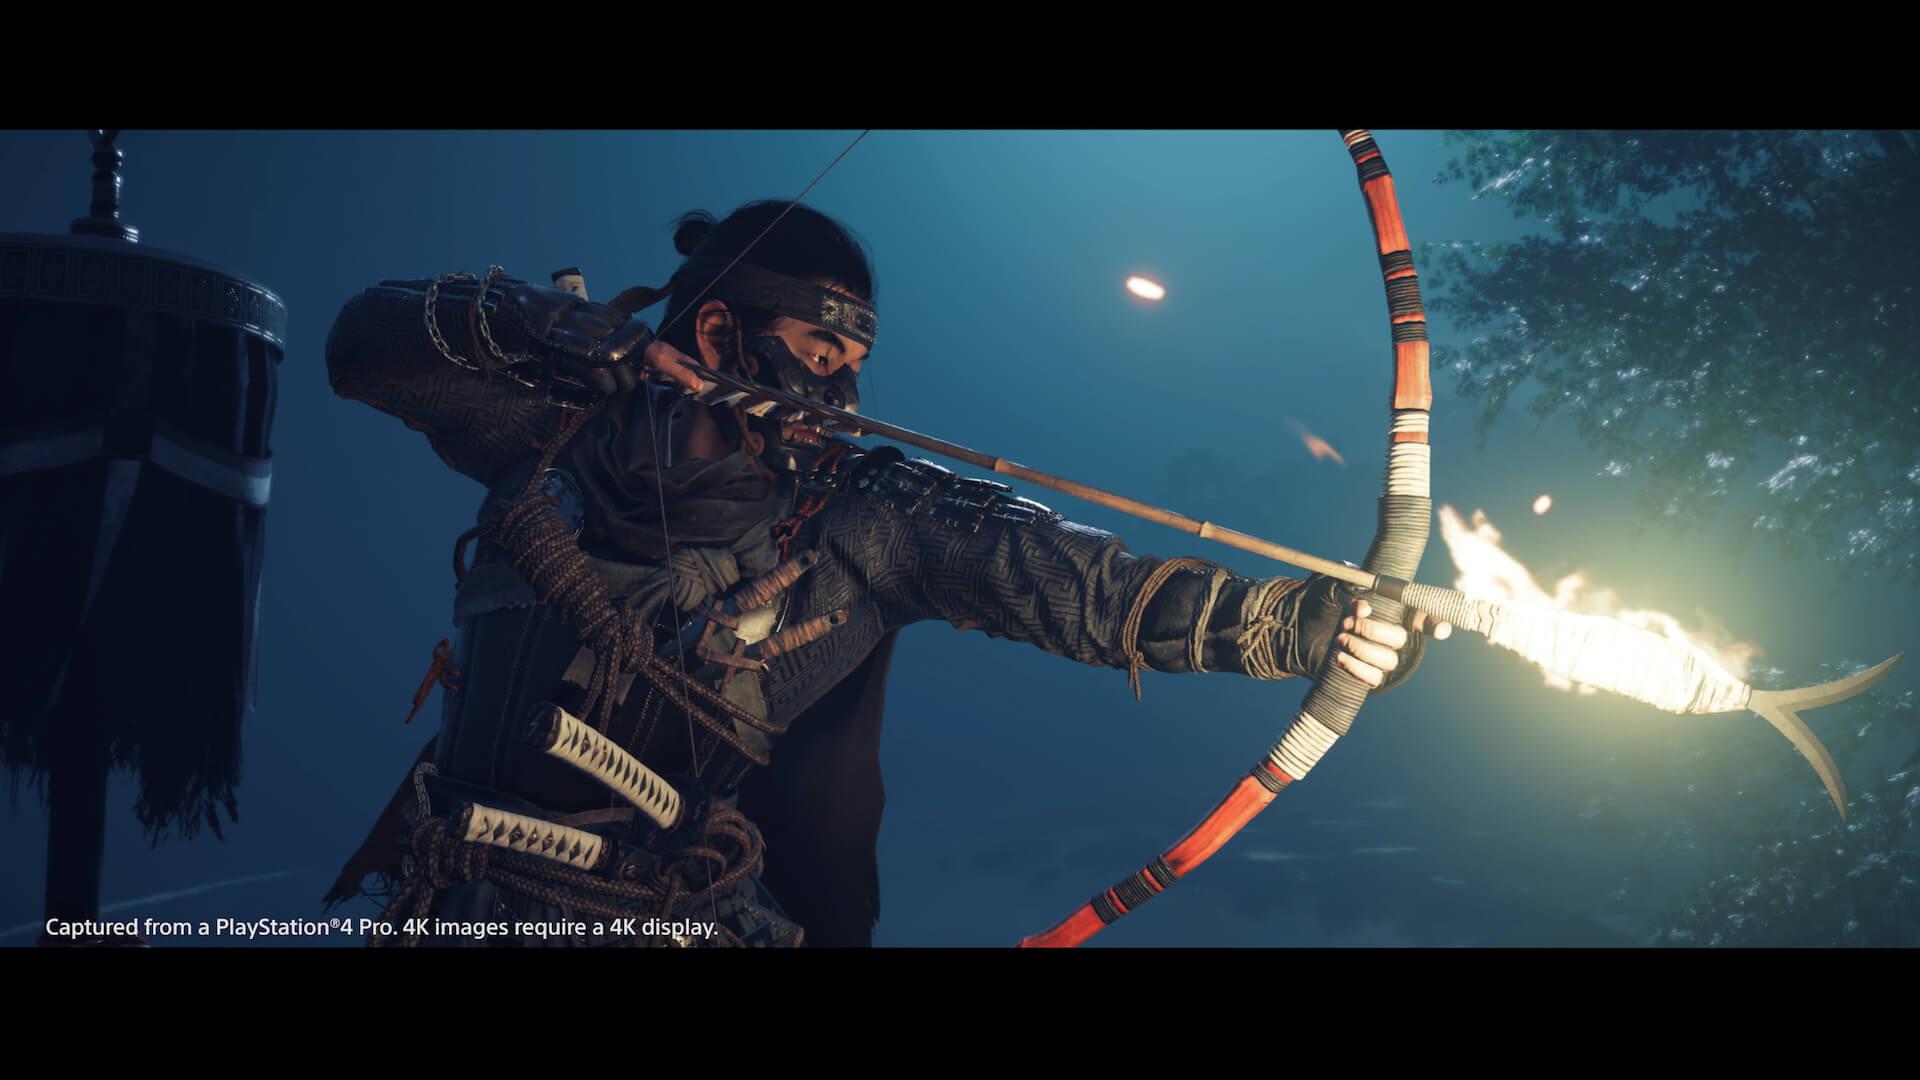 新感覚のオープンワールド時代劇を体感せよ!PS4専用ソフト『Ghost of Tsushima』がついに本日発売 tech200717_ghostoftsushima_15